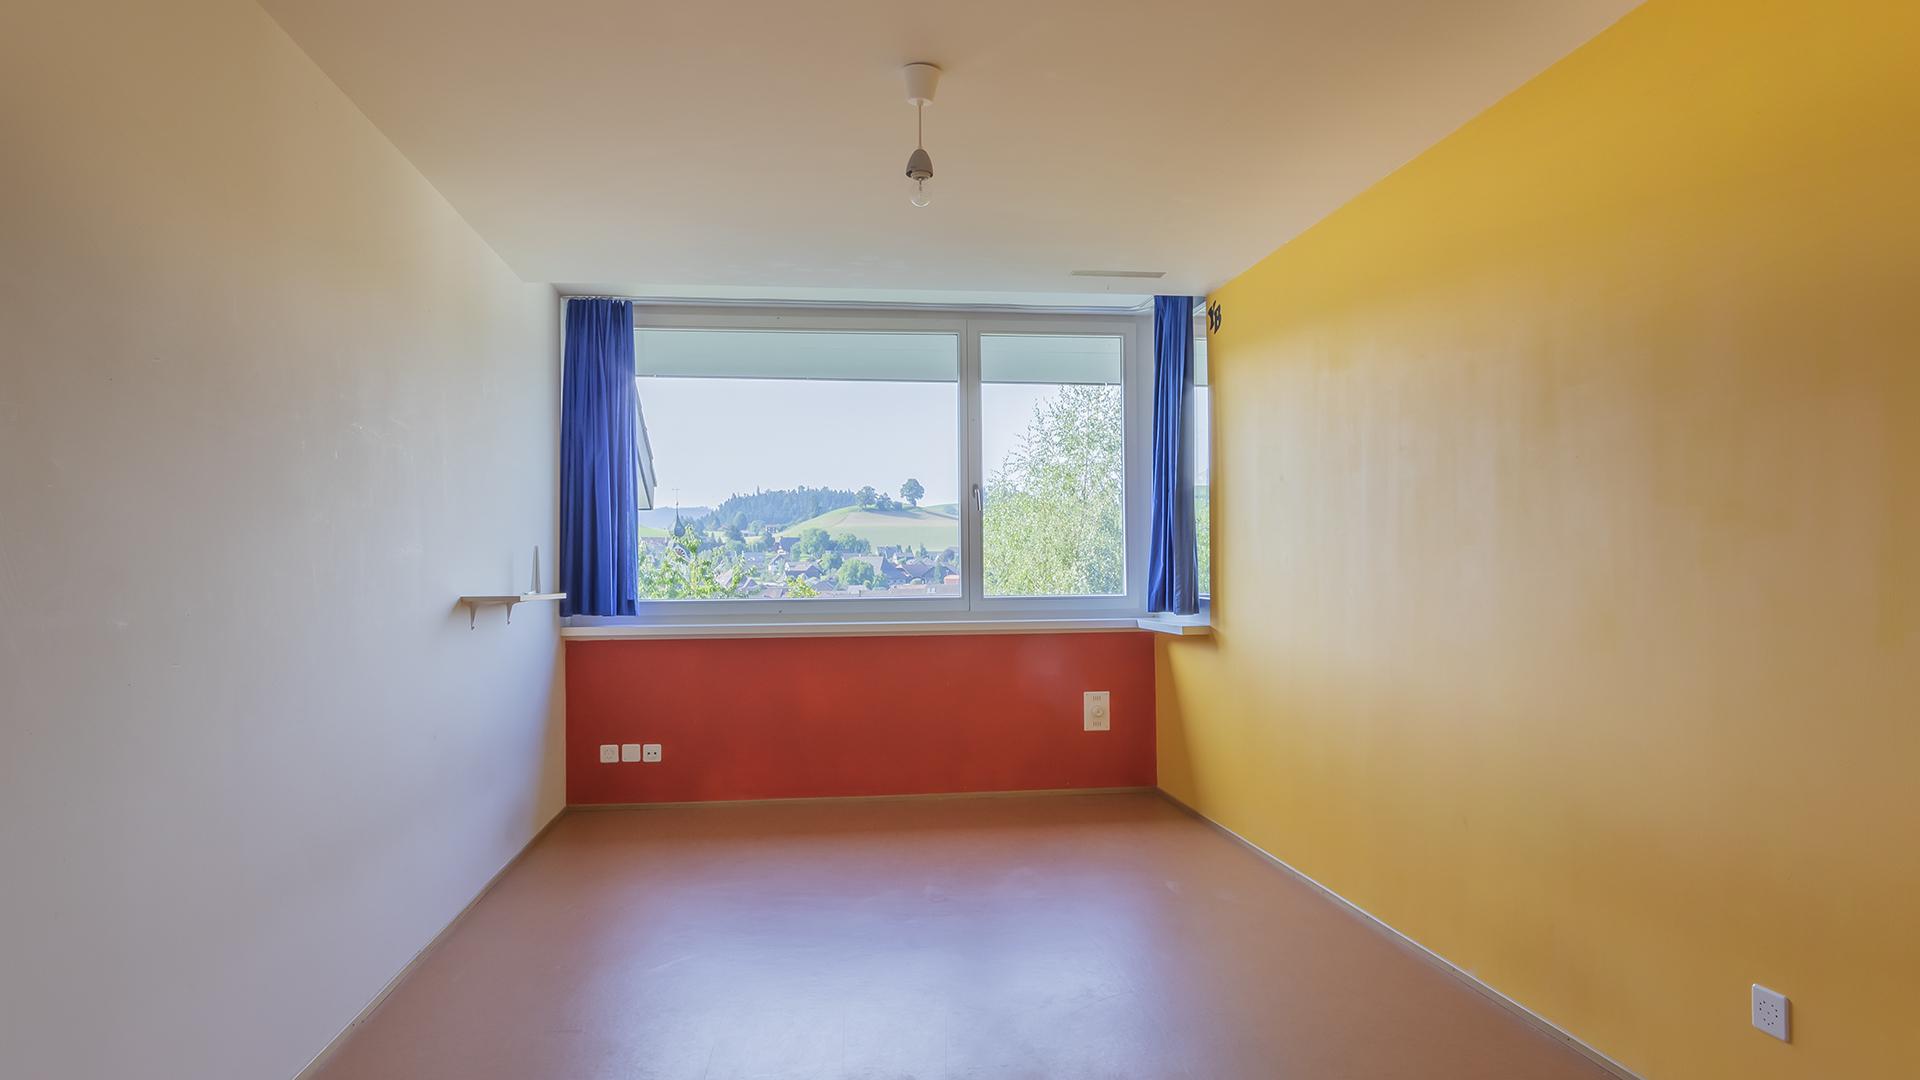 Die Aussicht aus dem Fenster garantiert stets gute Laune.